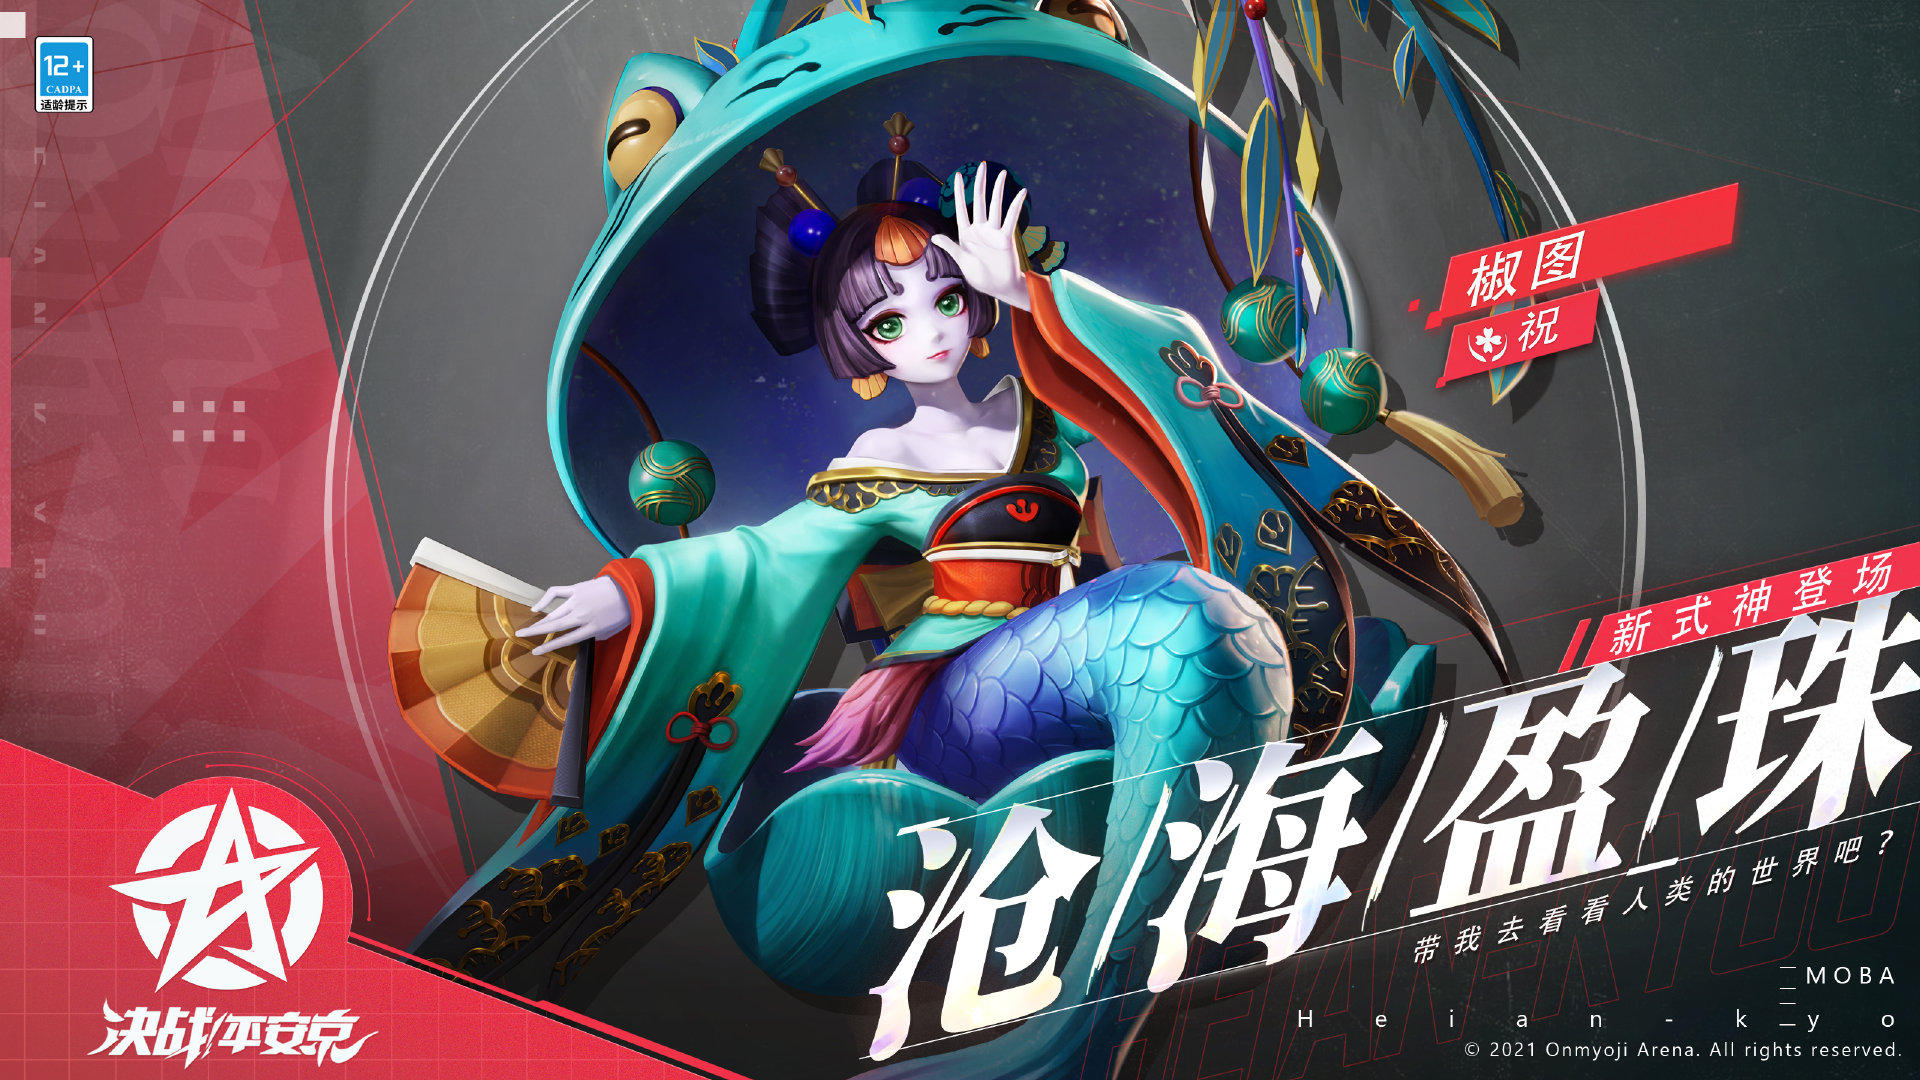 决战!平安京 海浪中的少女 新式神椒图即将登场!